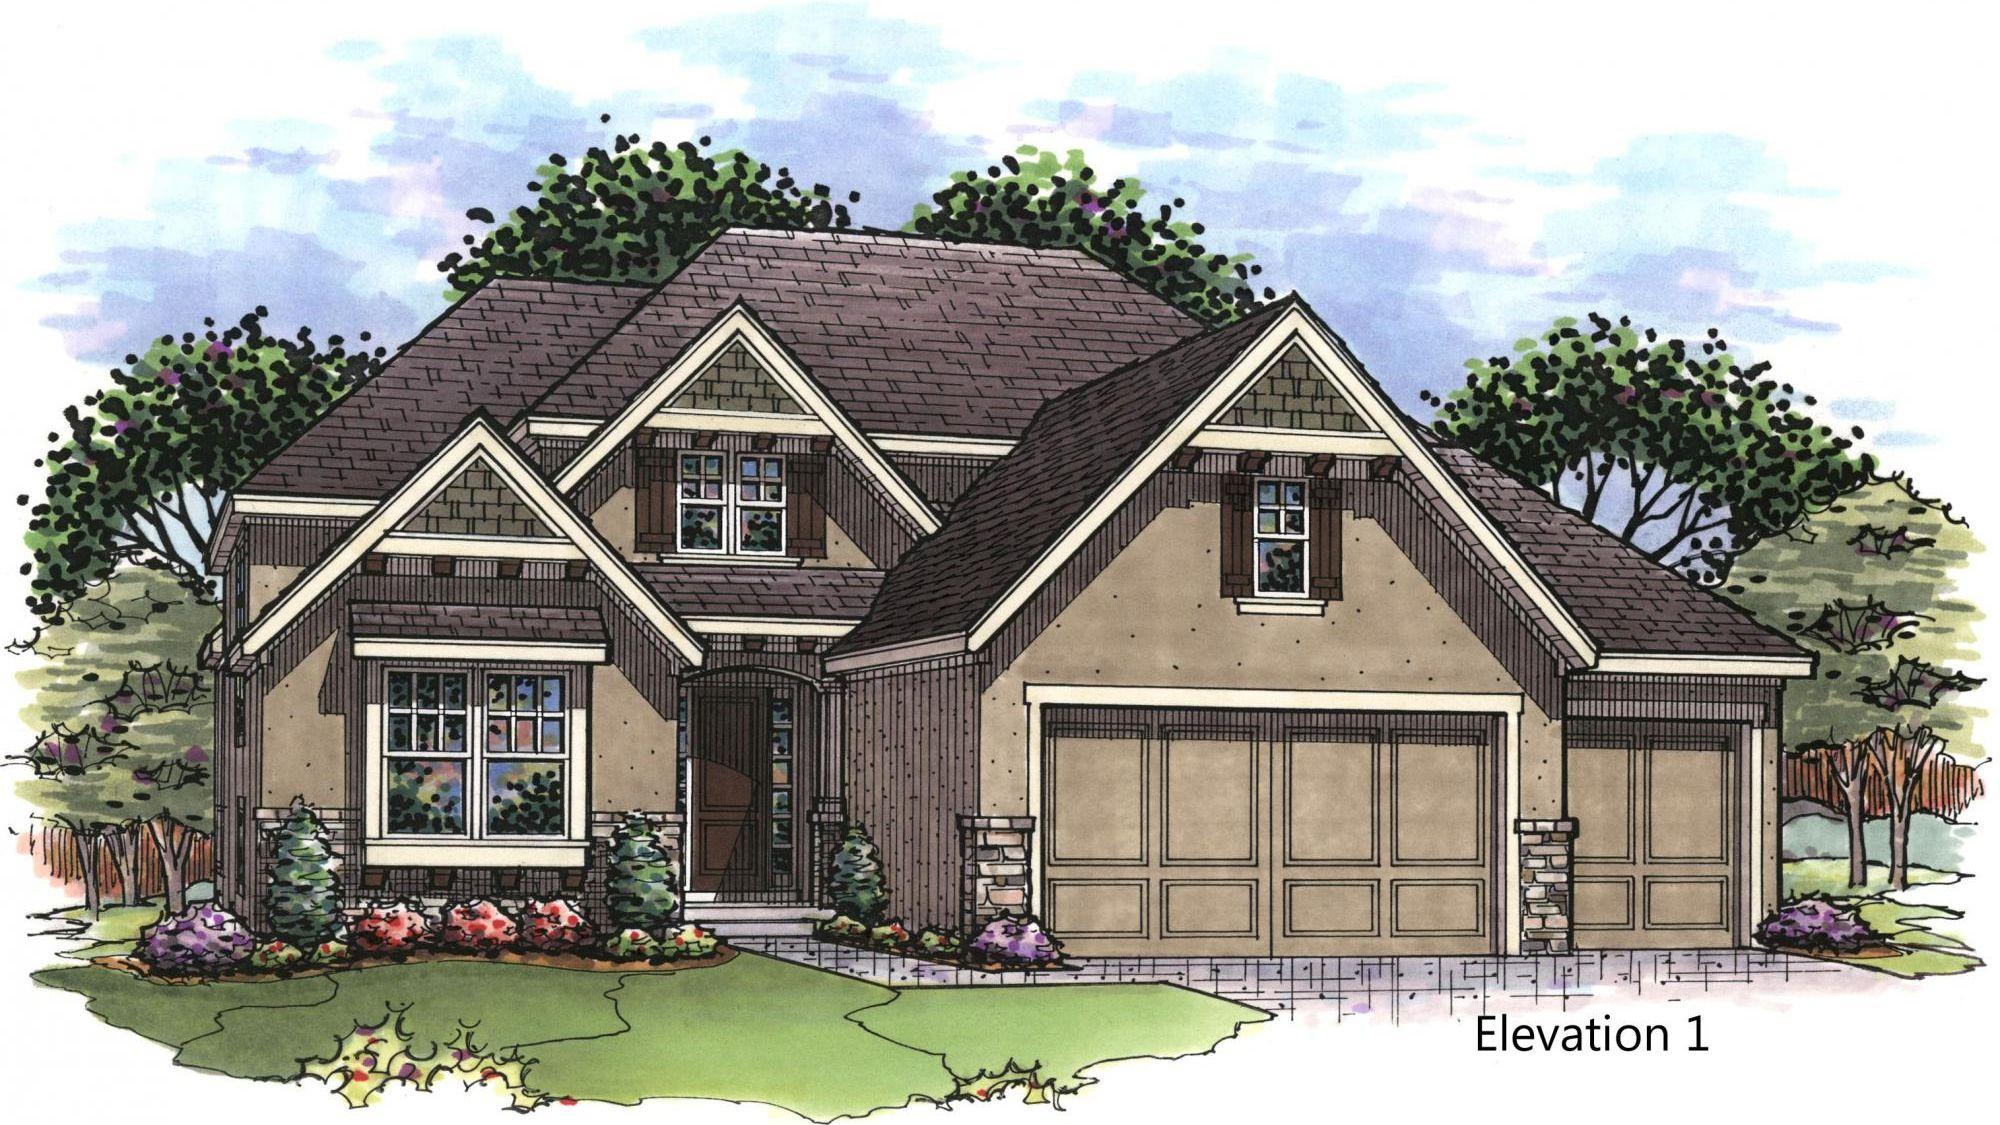 Kingston Elev 1 front rendering